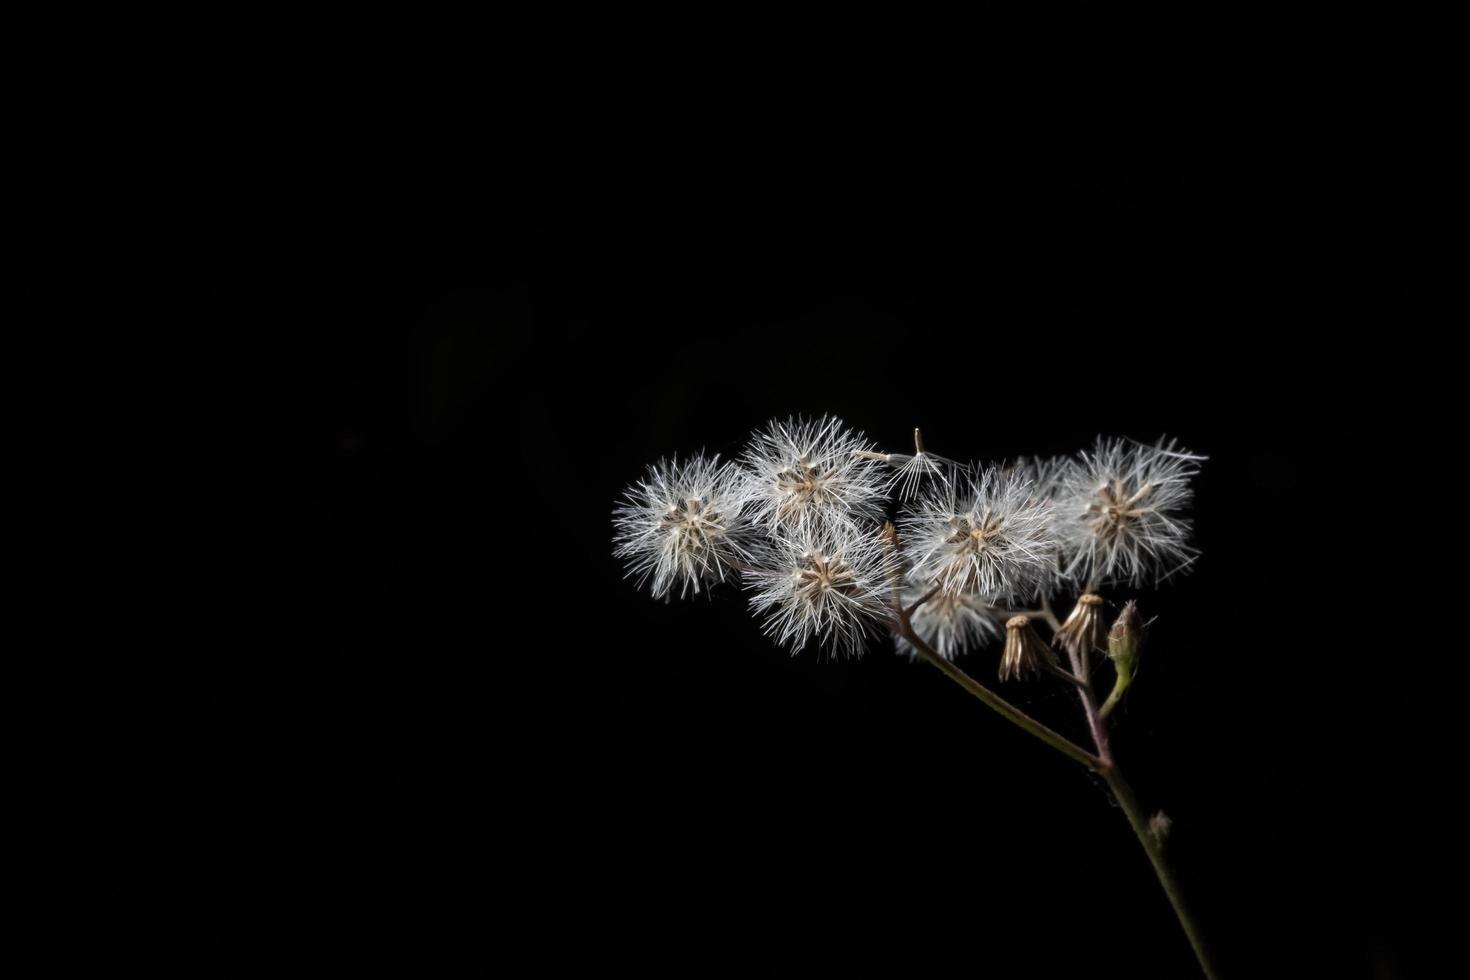 Wildblume auf festem schwarzem Hintergrund foto